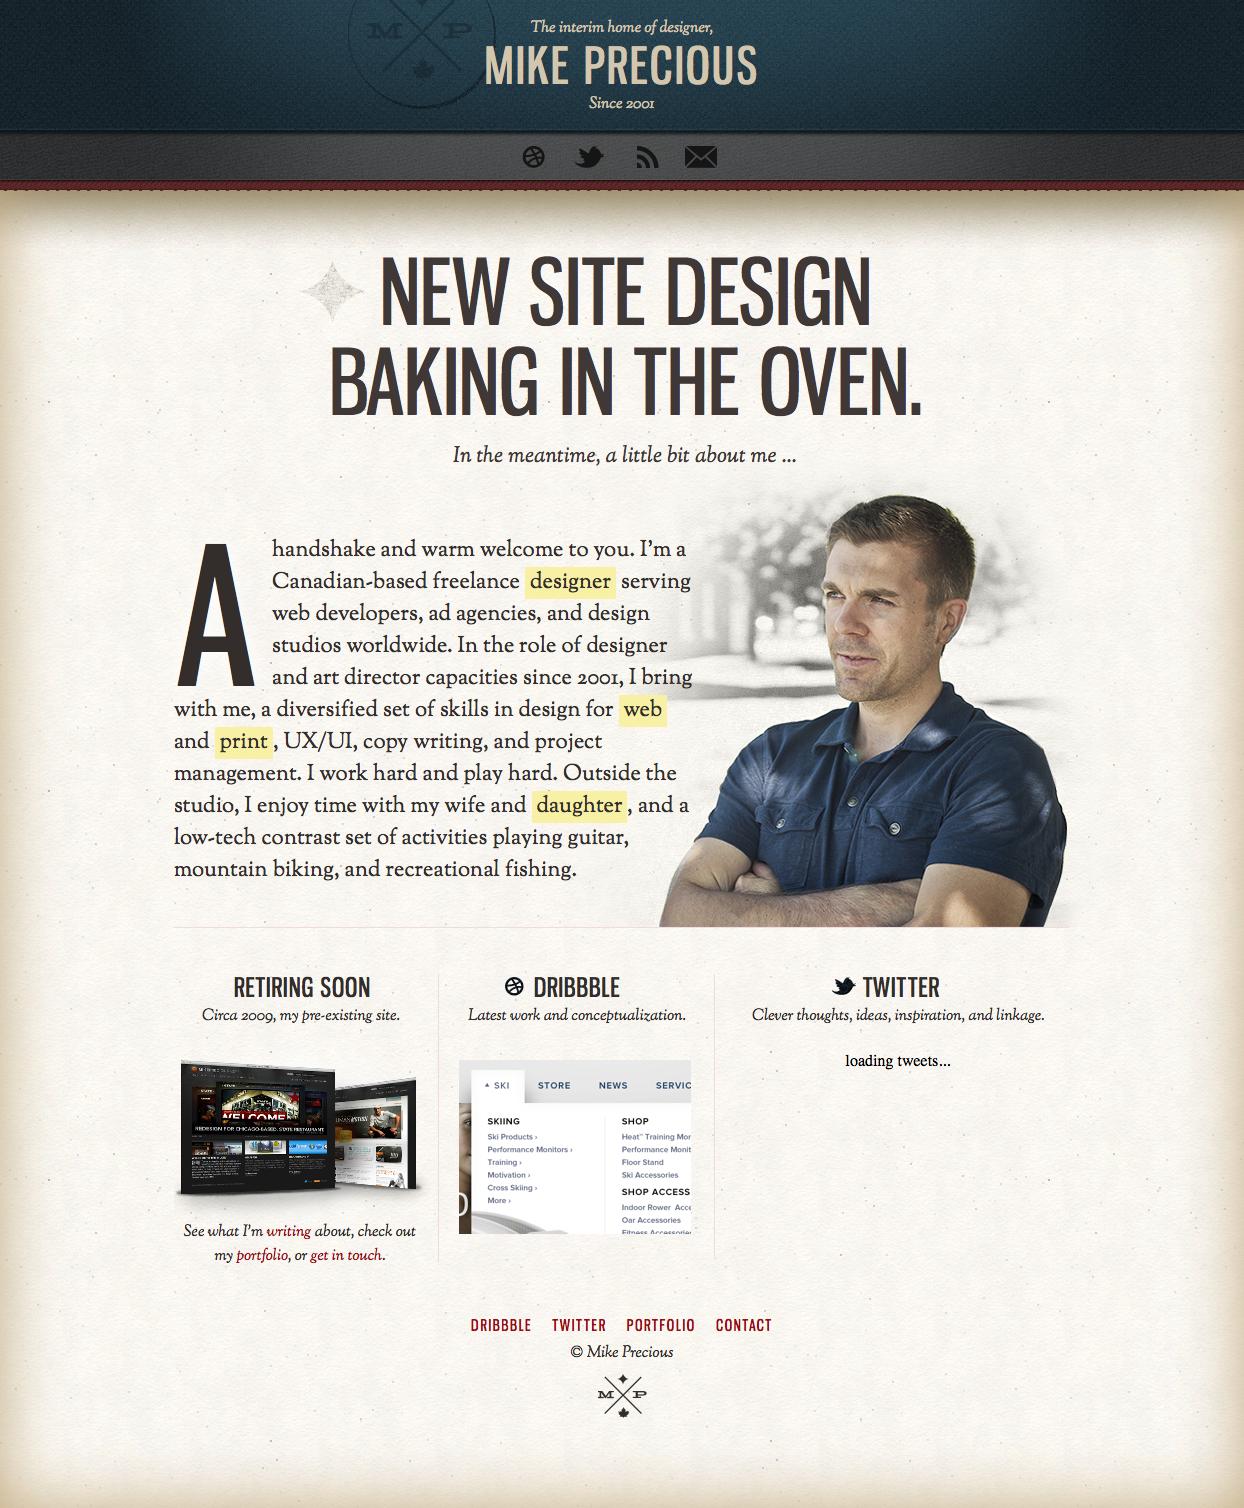 Freelance: come strutturare la pagina di presentazione